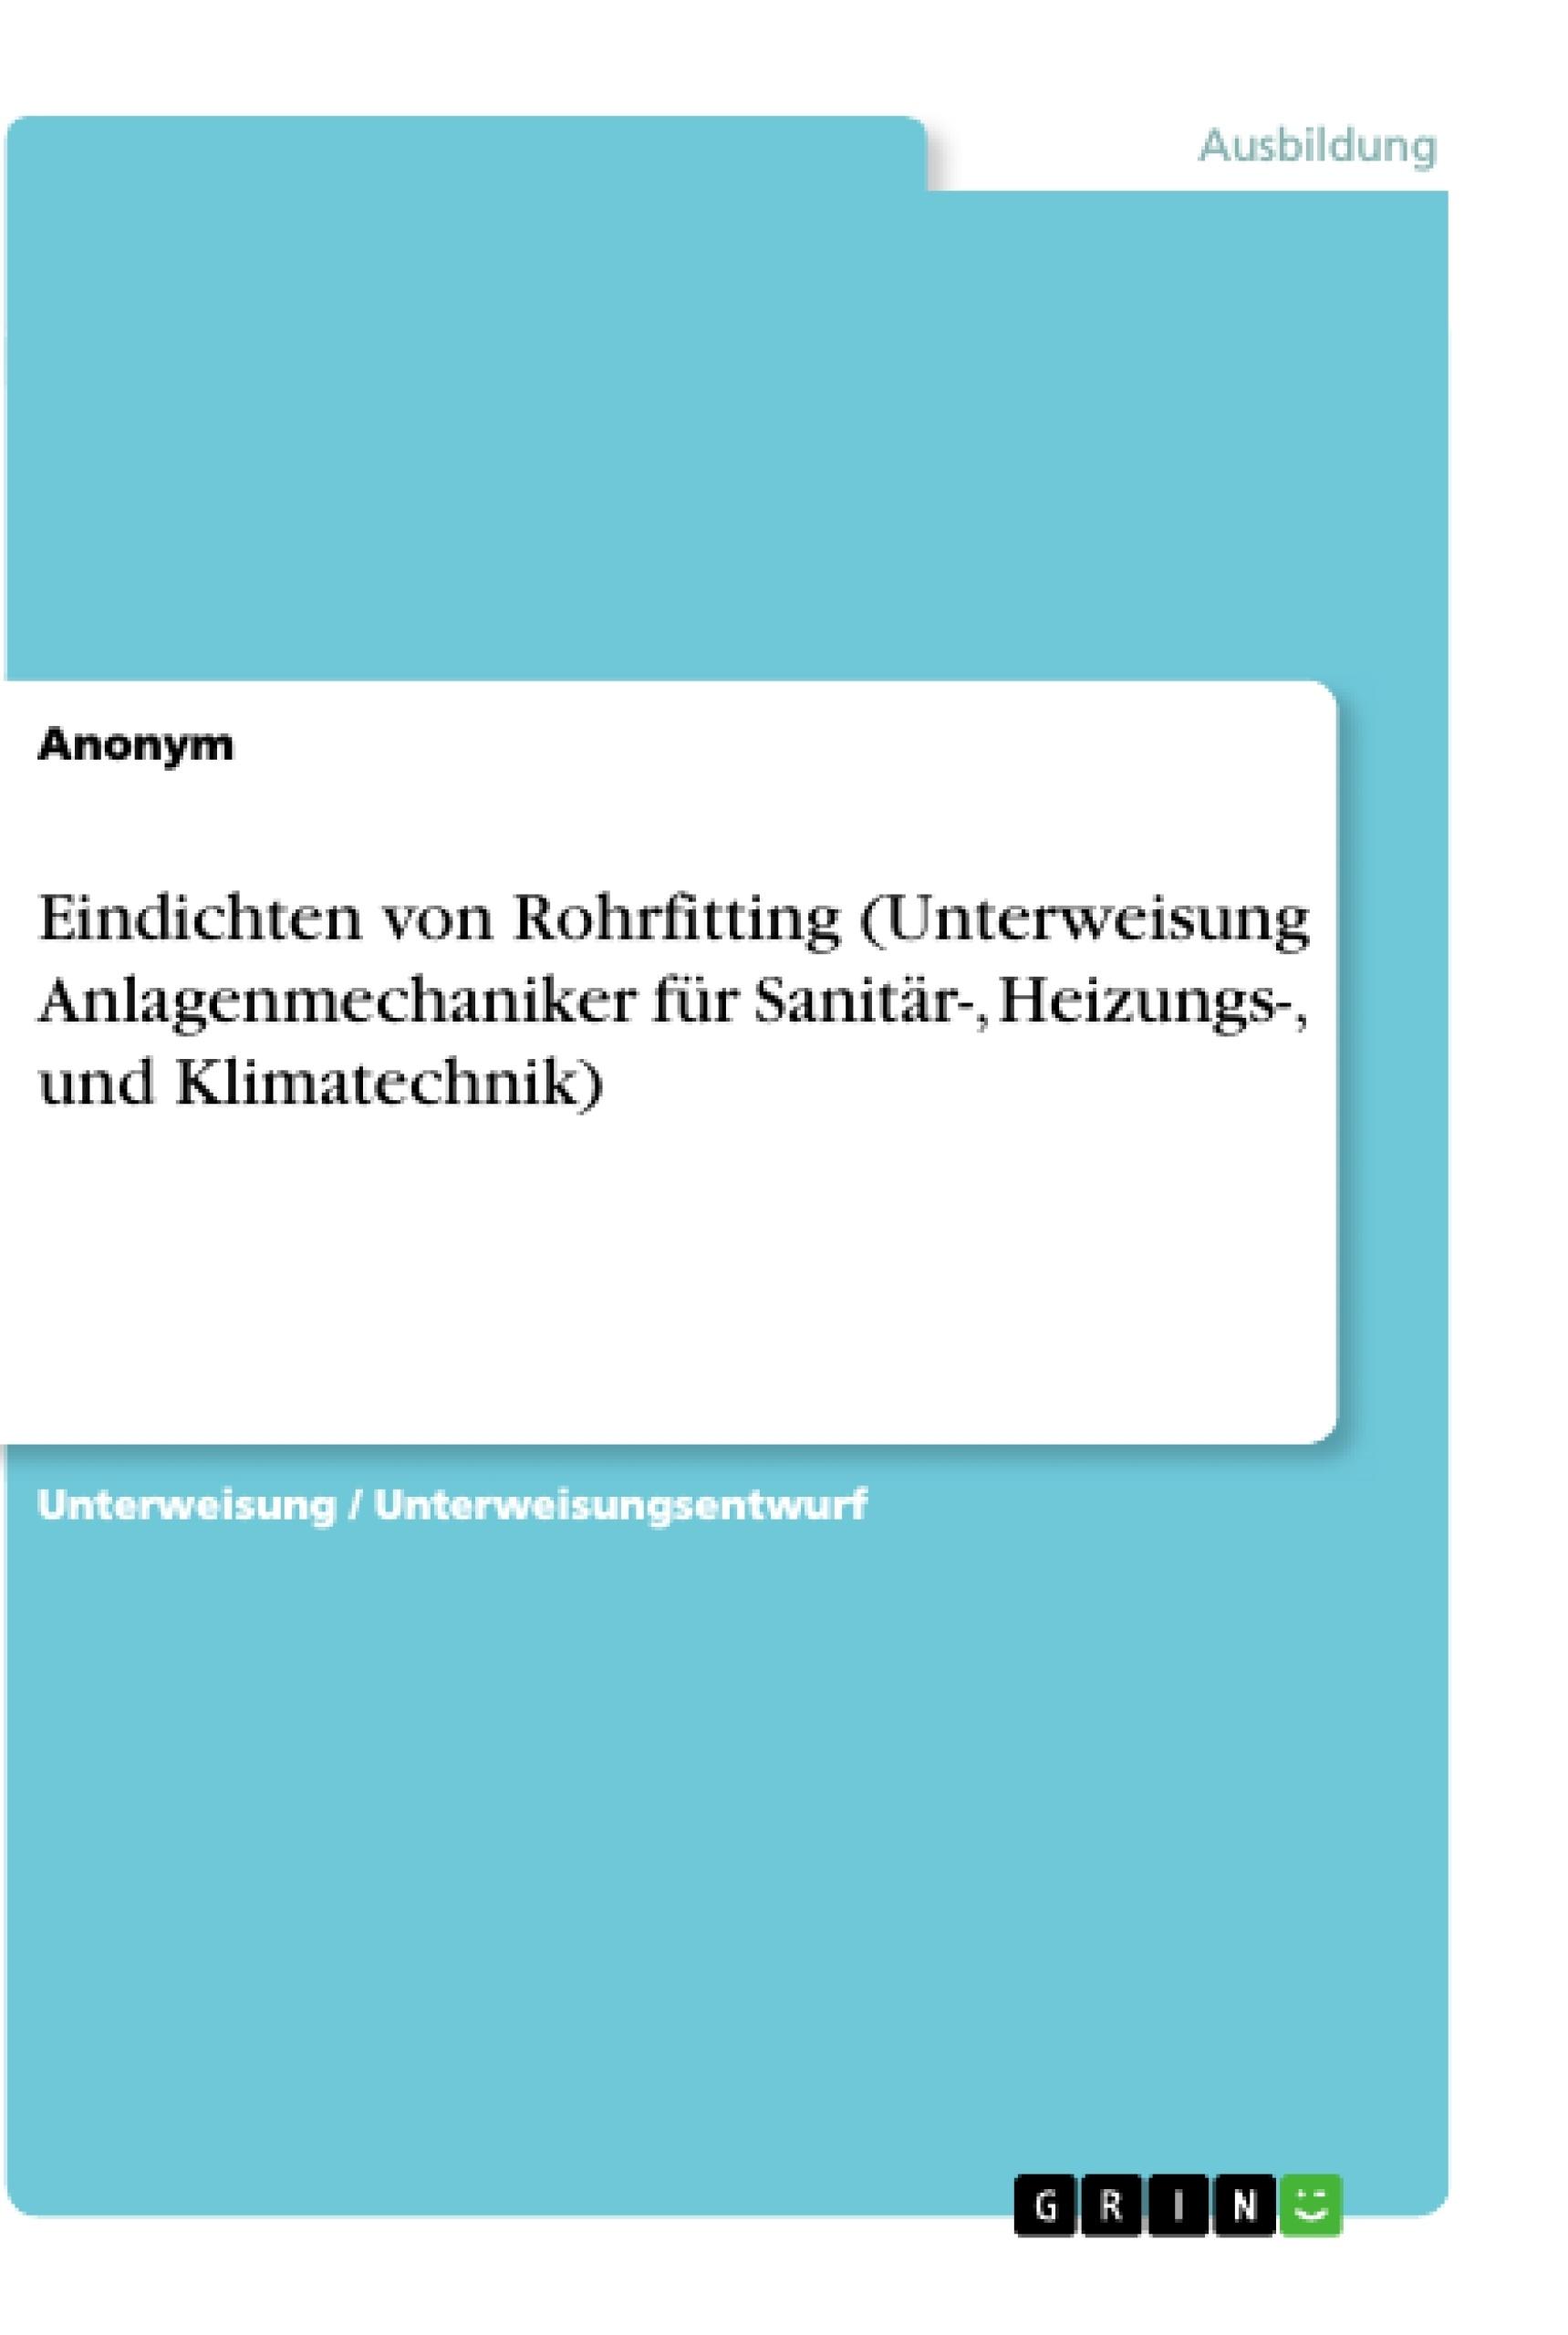 Titel: Eindichten von Rohrfitting (Unterweisung Anlagenmechaniker für Sanitär-, Heizungs-, und Klimatechnik)